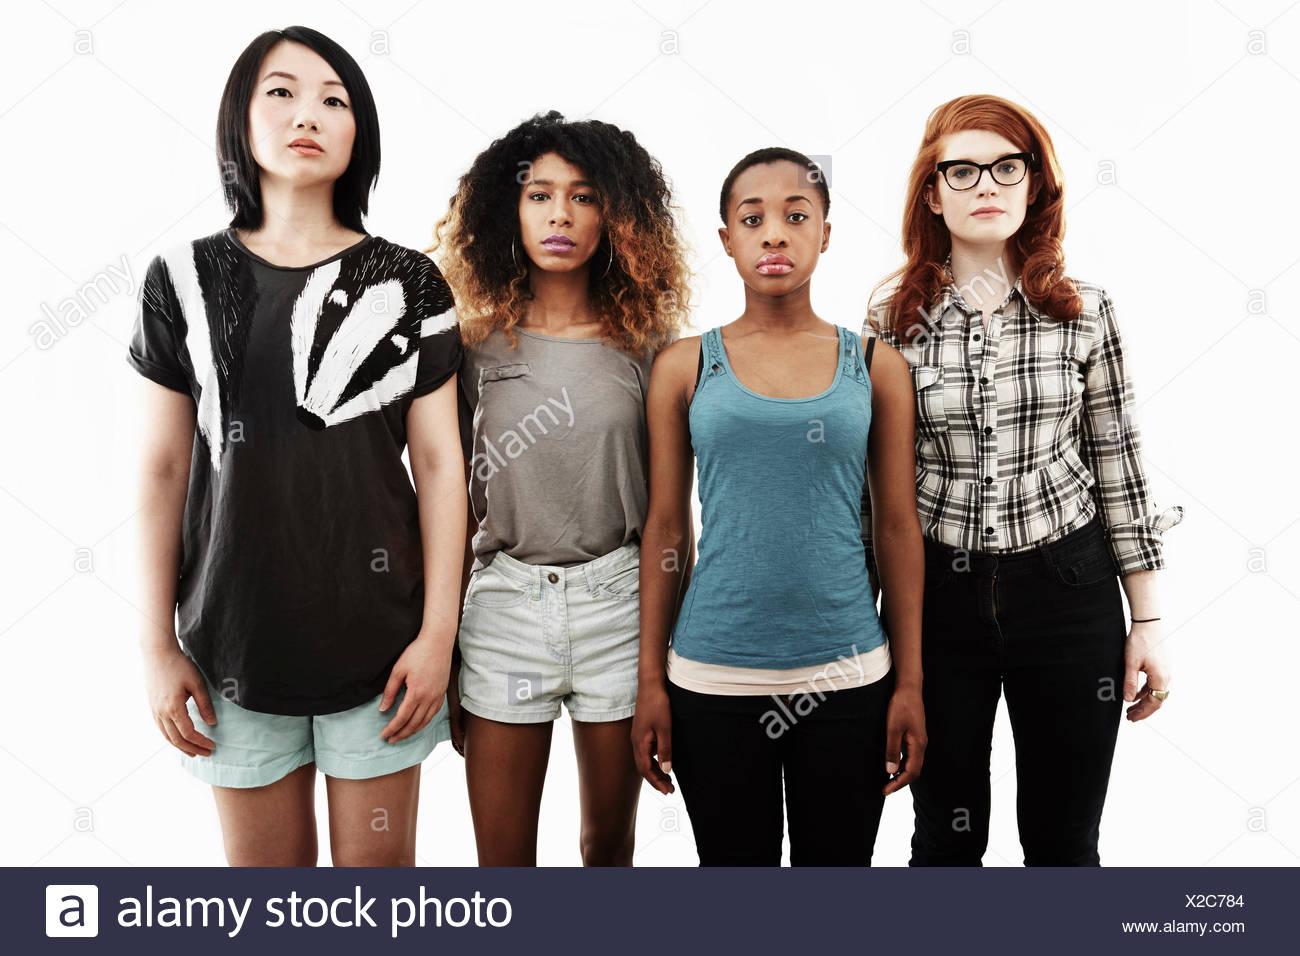 Studio formale ritratto di quattro gravi giovani donne Immagini Stock